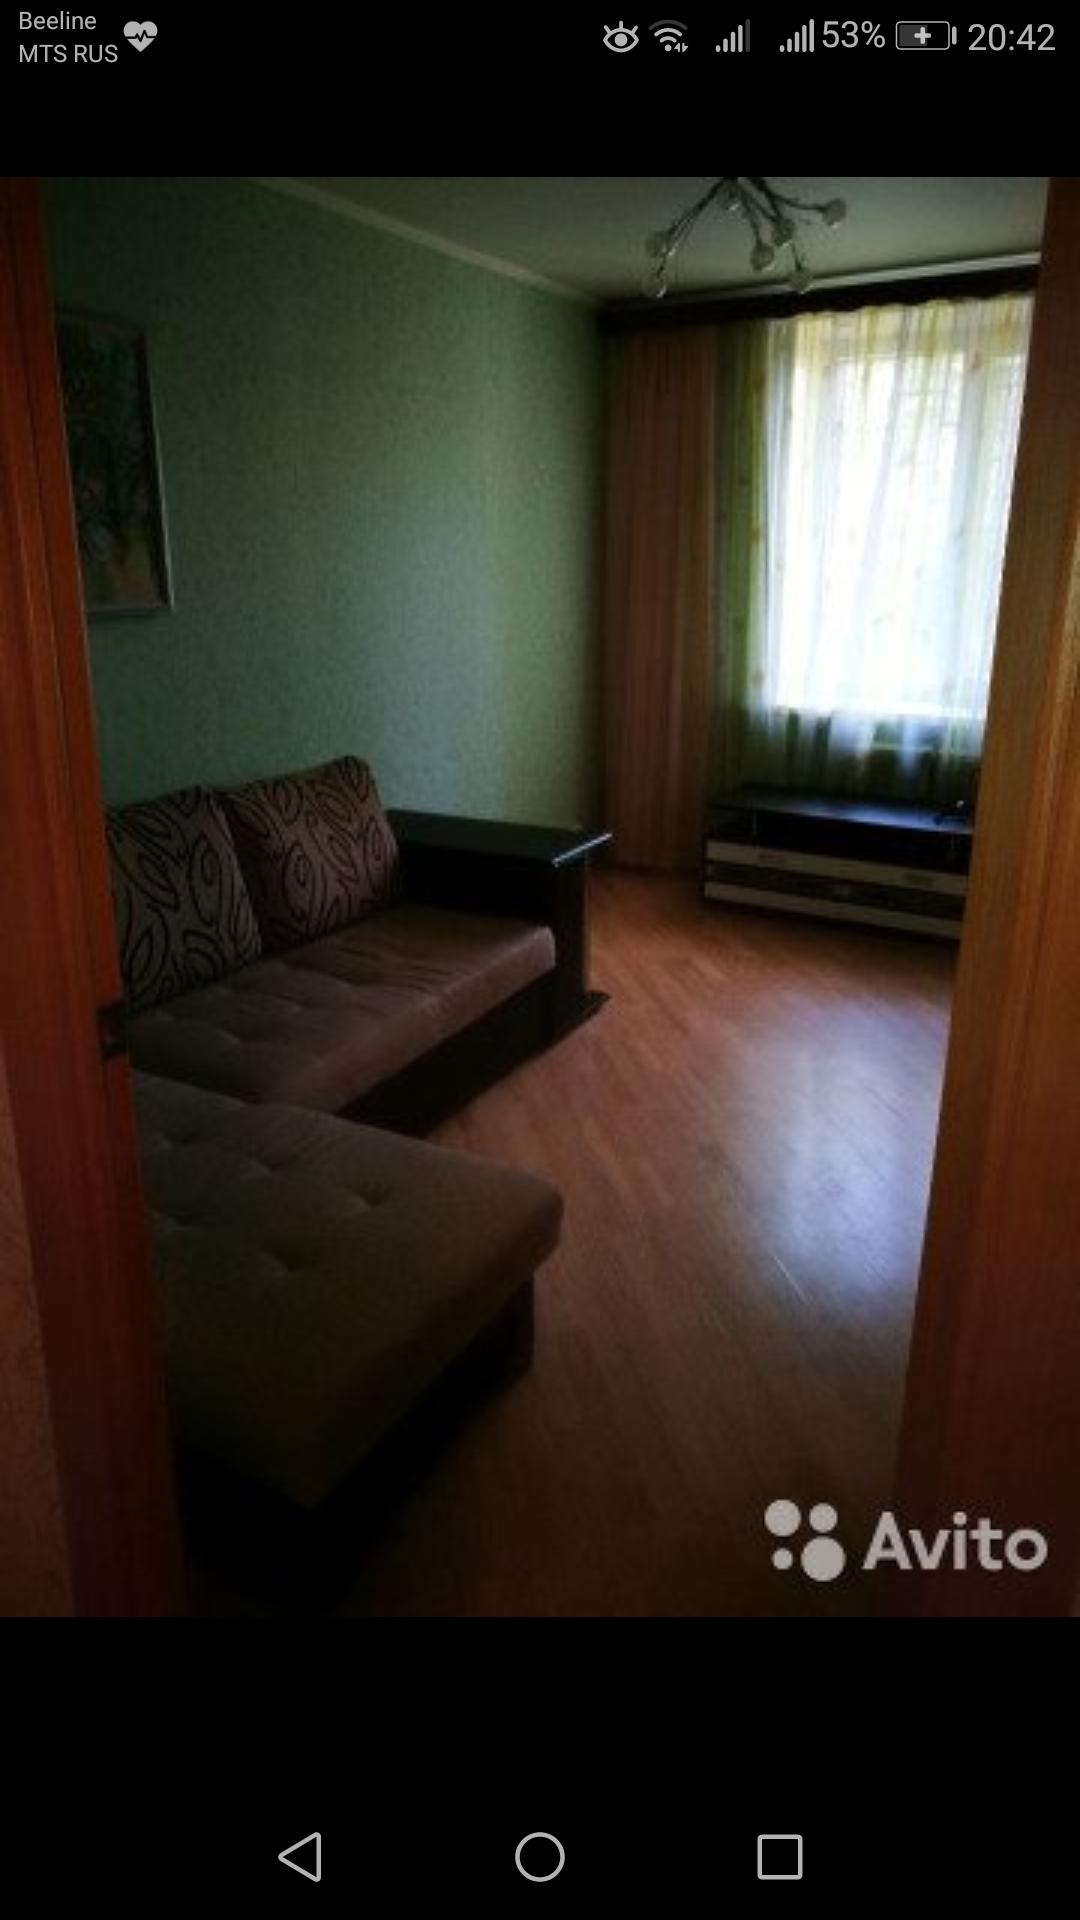 Квартира, 3 комнаты, 57.6 м² в Мытищах 89030184441 купить 2